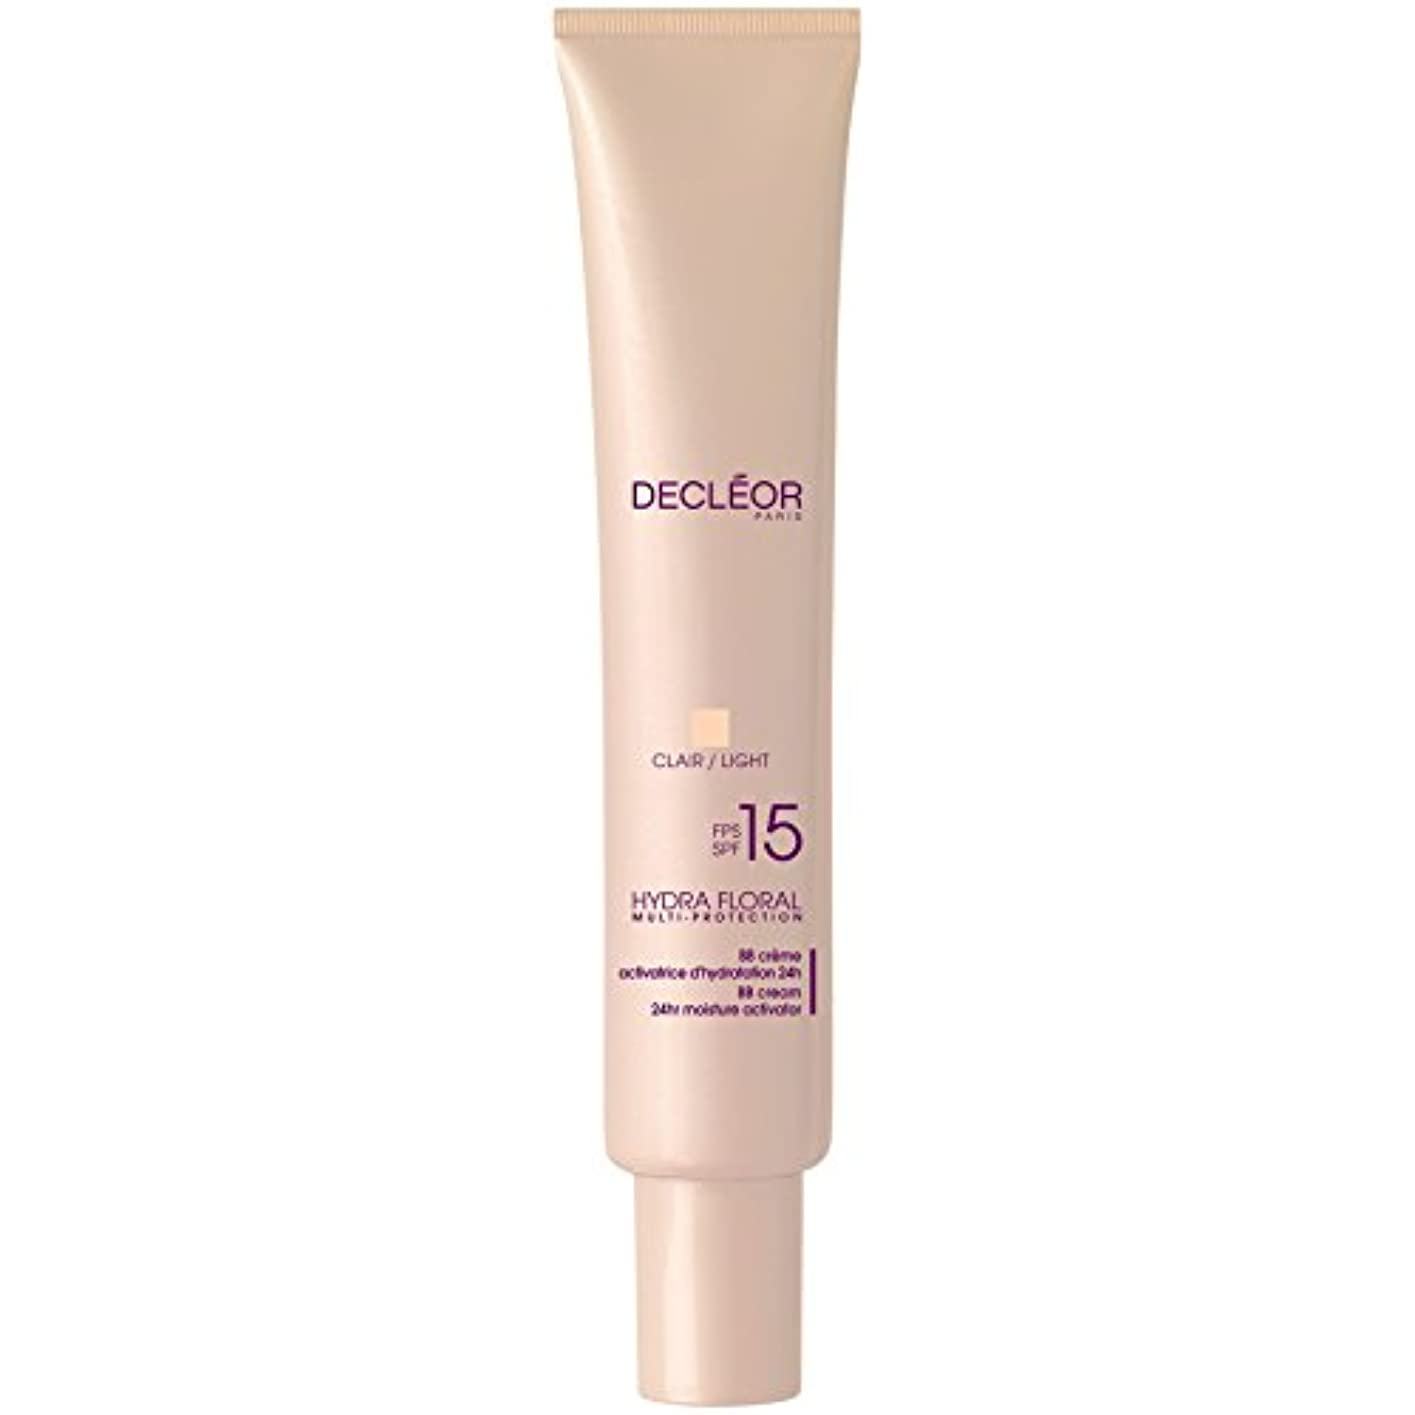 障害者トランザクションマチュピチュ[Decl?or ] デクレオールBbクリームスキンパーフェクの40Mlの光 - Decl?or BB Cream Skin Perfector 40ml Light [並行輸入品]